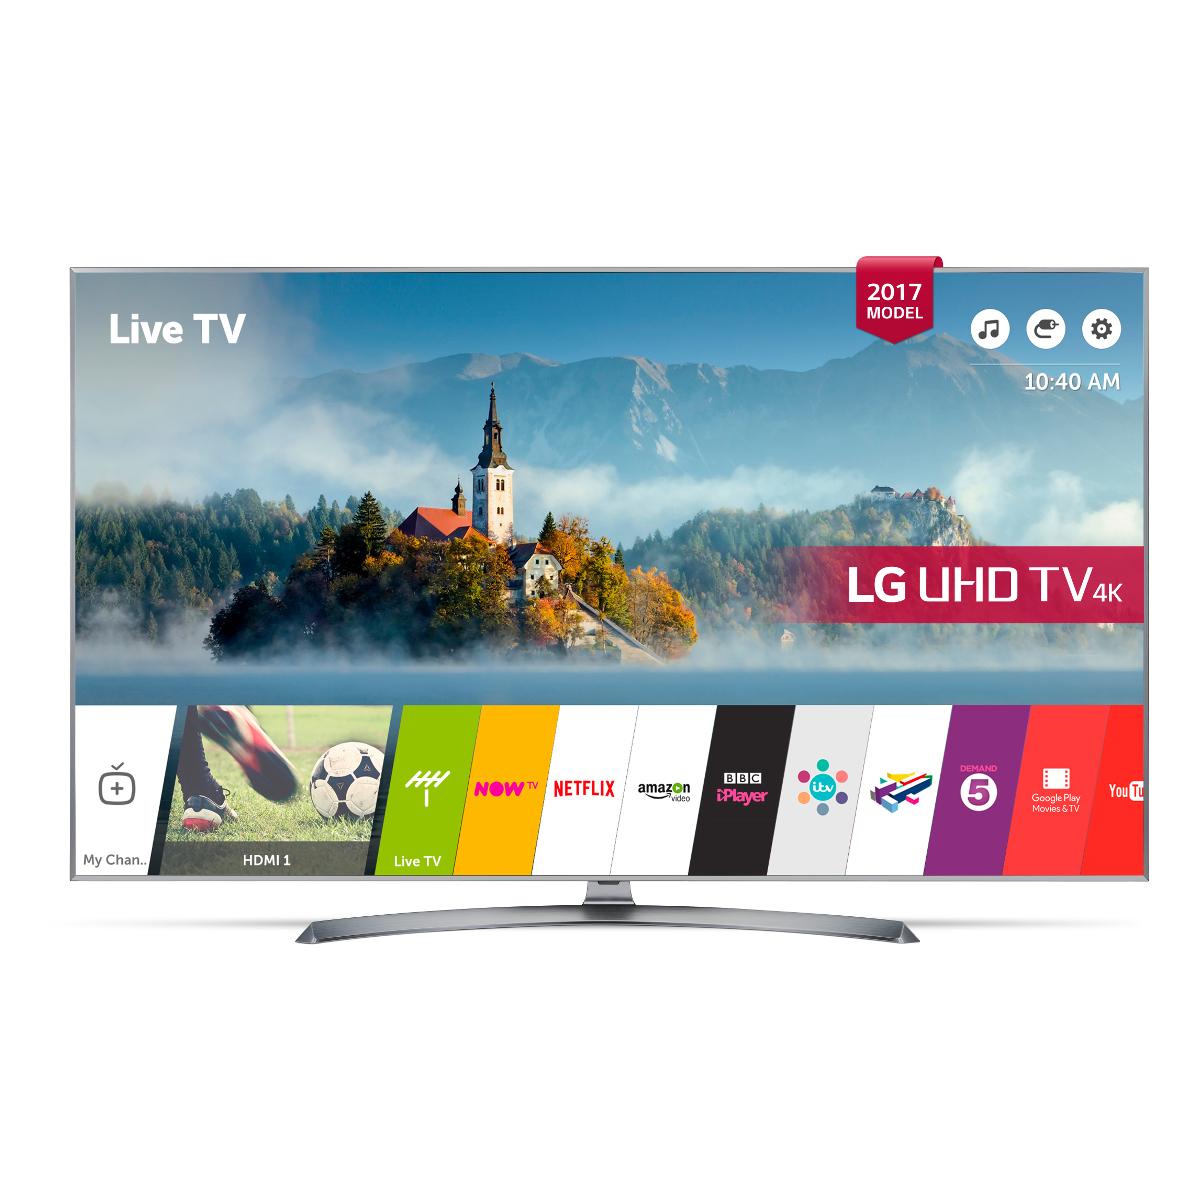 LG-49UJ750V 4K TV - £549 @ Hughes instore